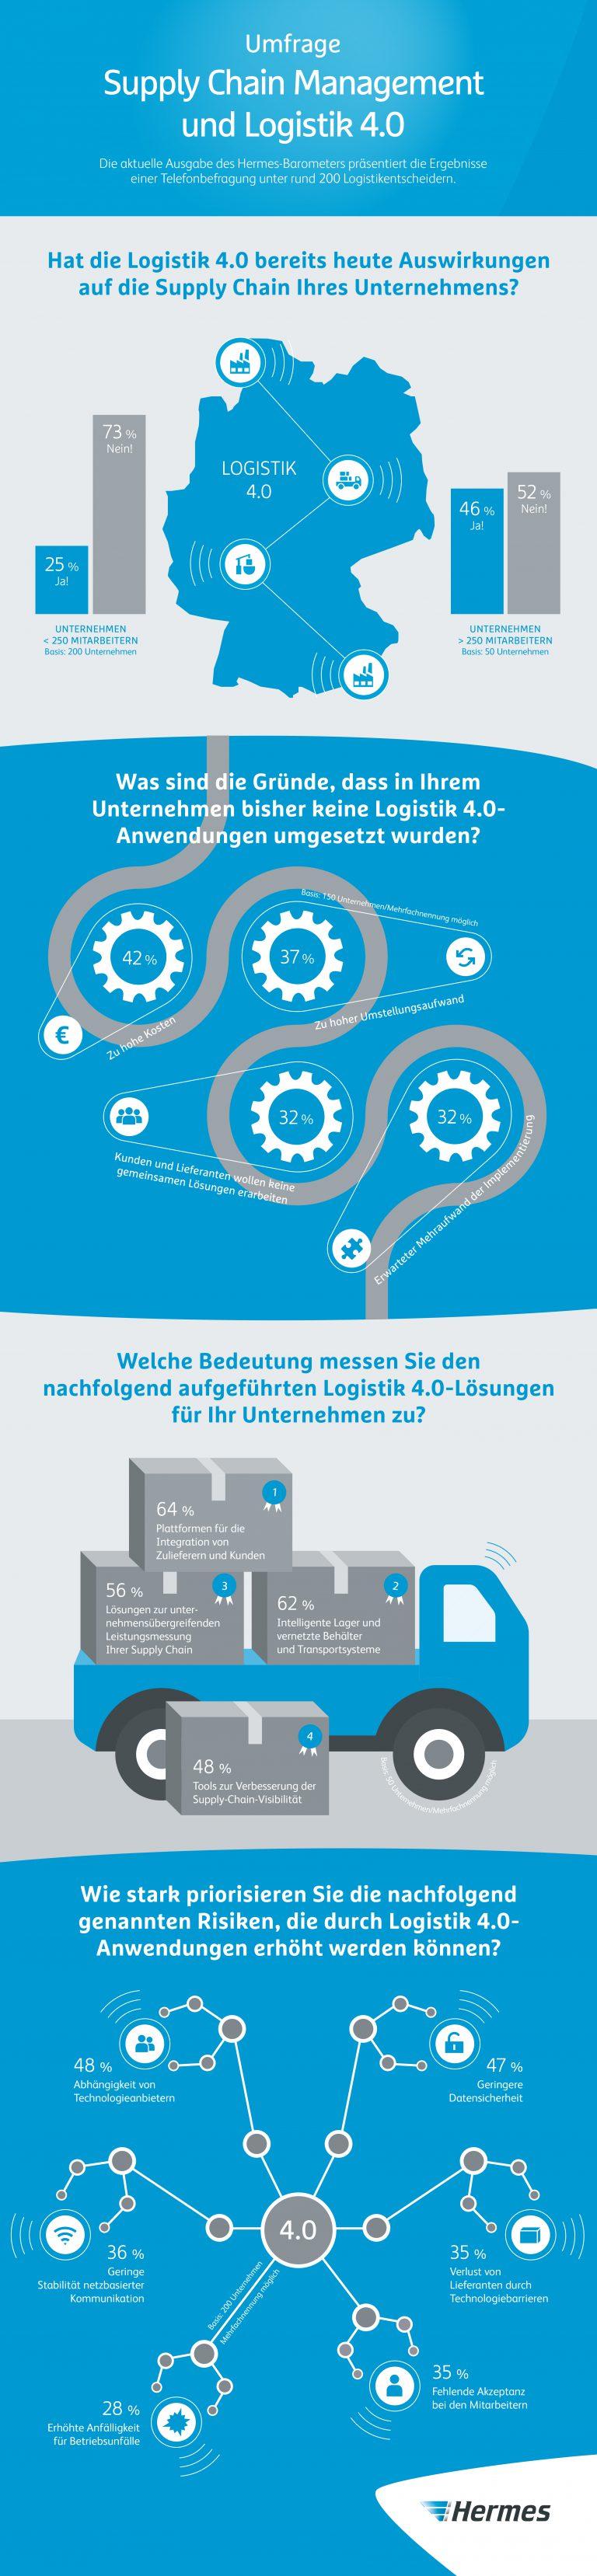 200 Logistikentscheider wurden zur Bedeutung von Logistik 4.0 im Supply Chain Management befragt.infografik digitalisierung